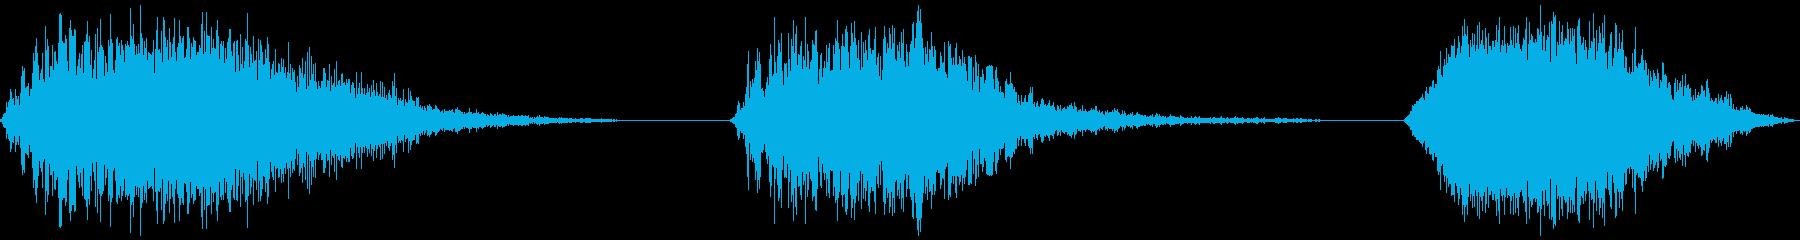 スペースパス、3バージョン、高、低...の再生済みの波形